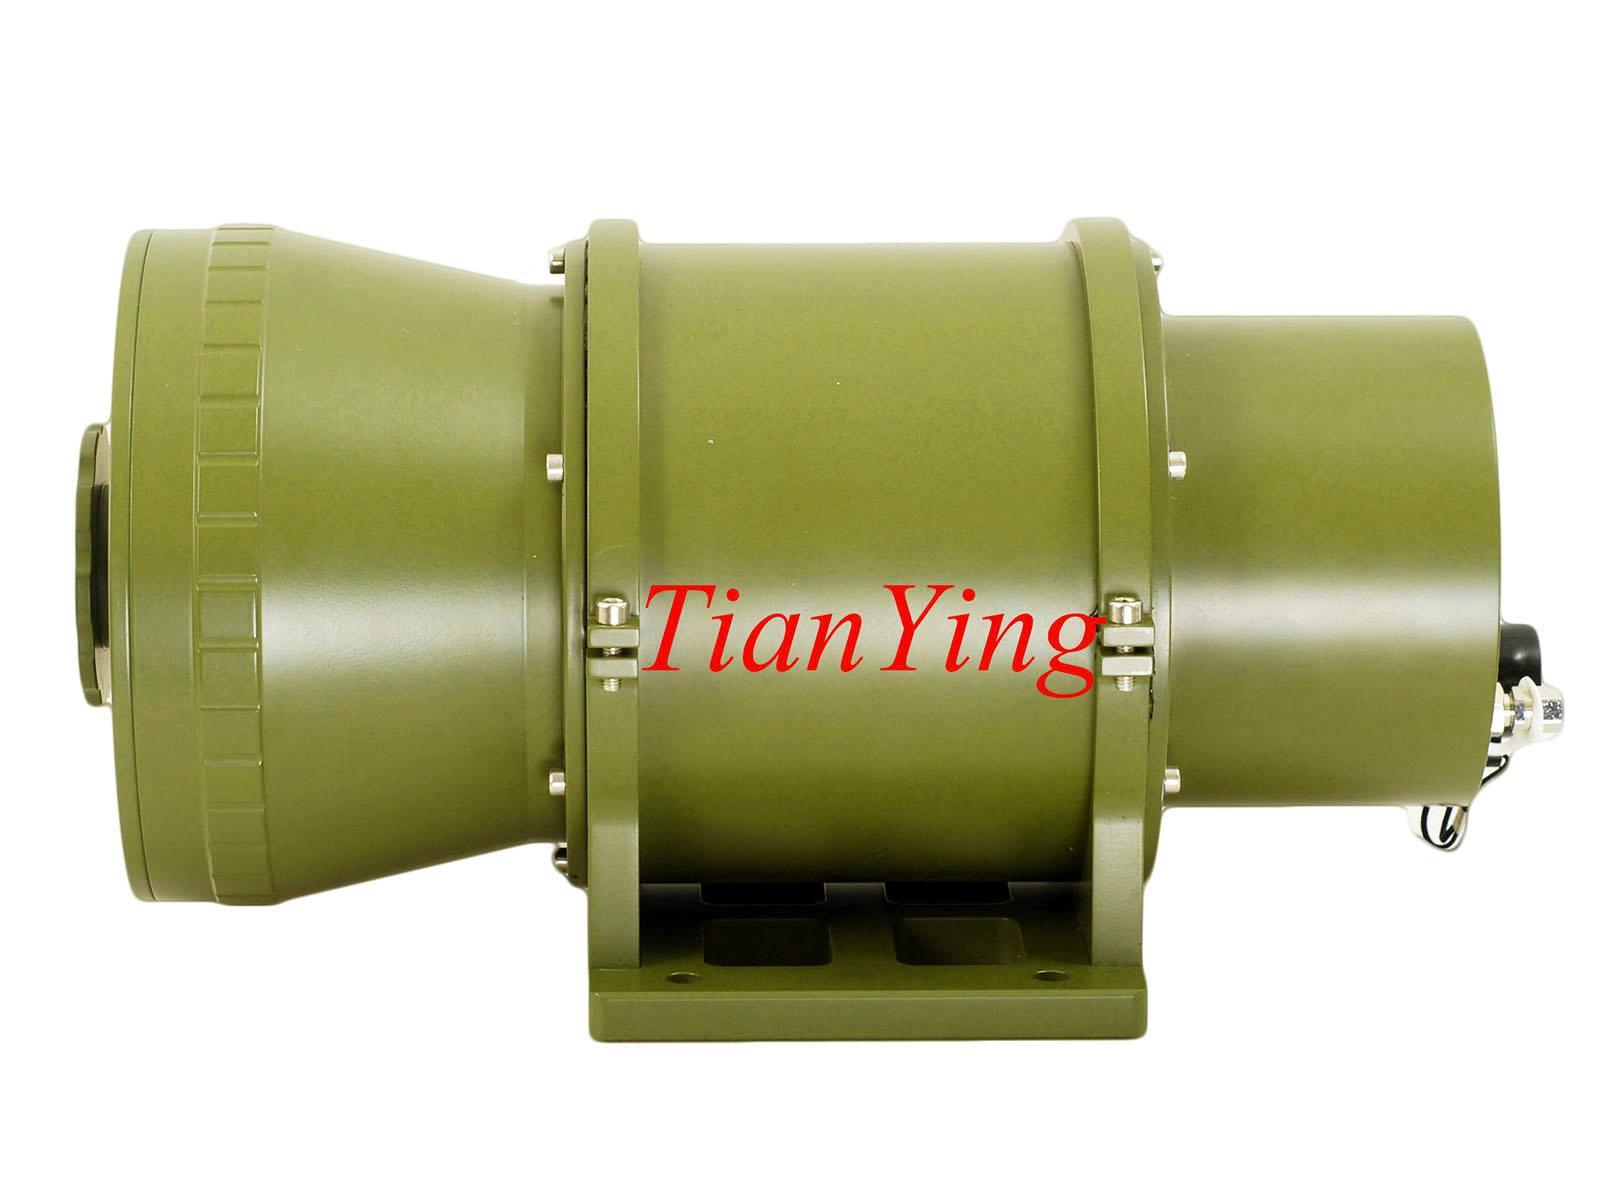 640x512 30-150mm Focus 1.5km/3km Thermal Imaging Camera